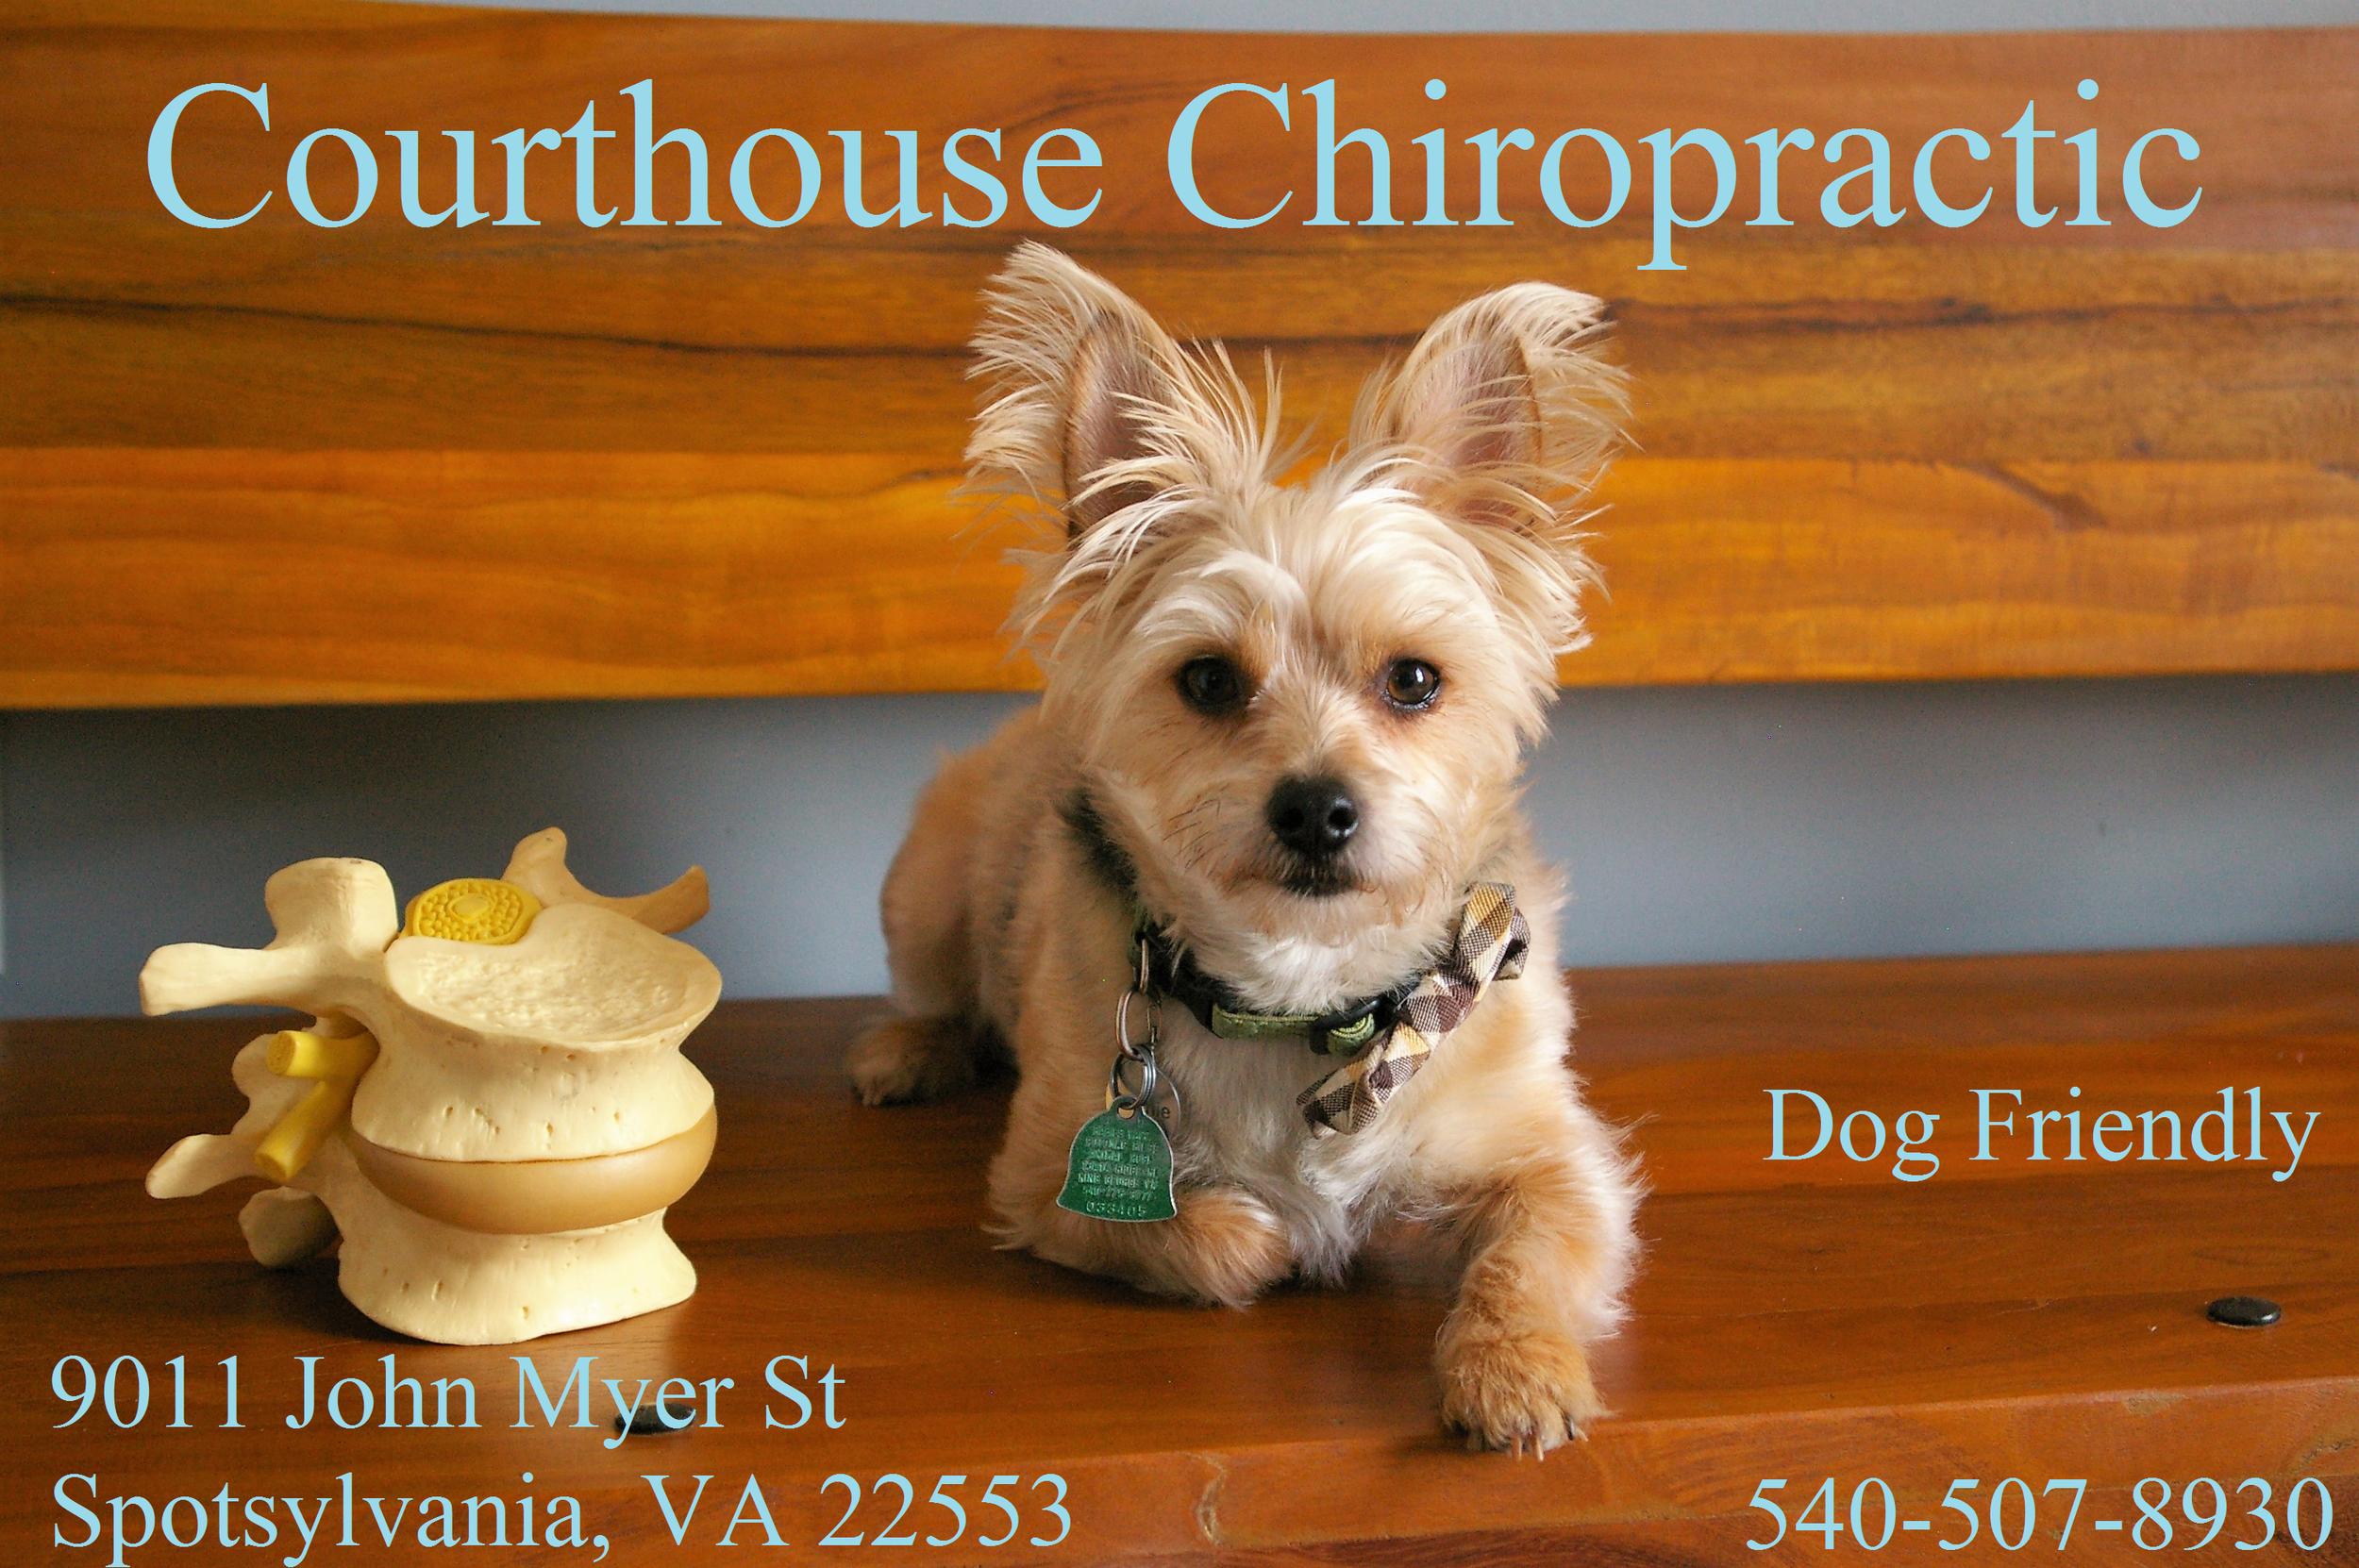 spotsylvania chiropractor dog friendly